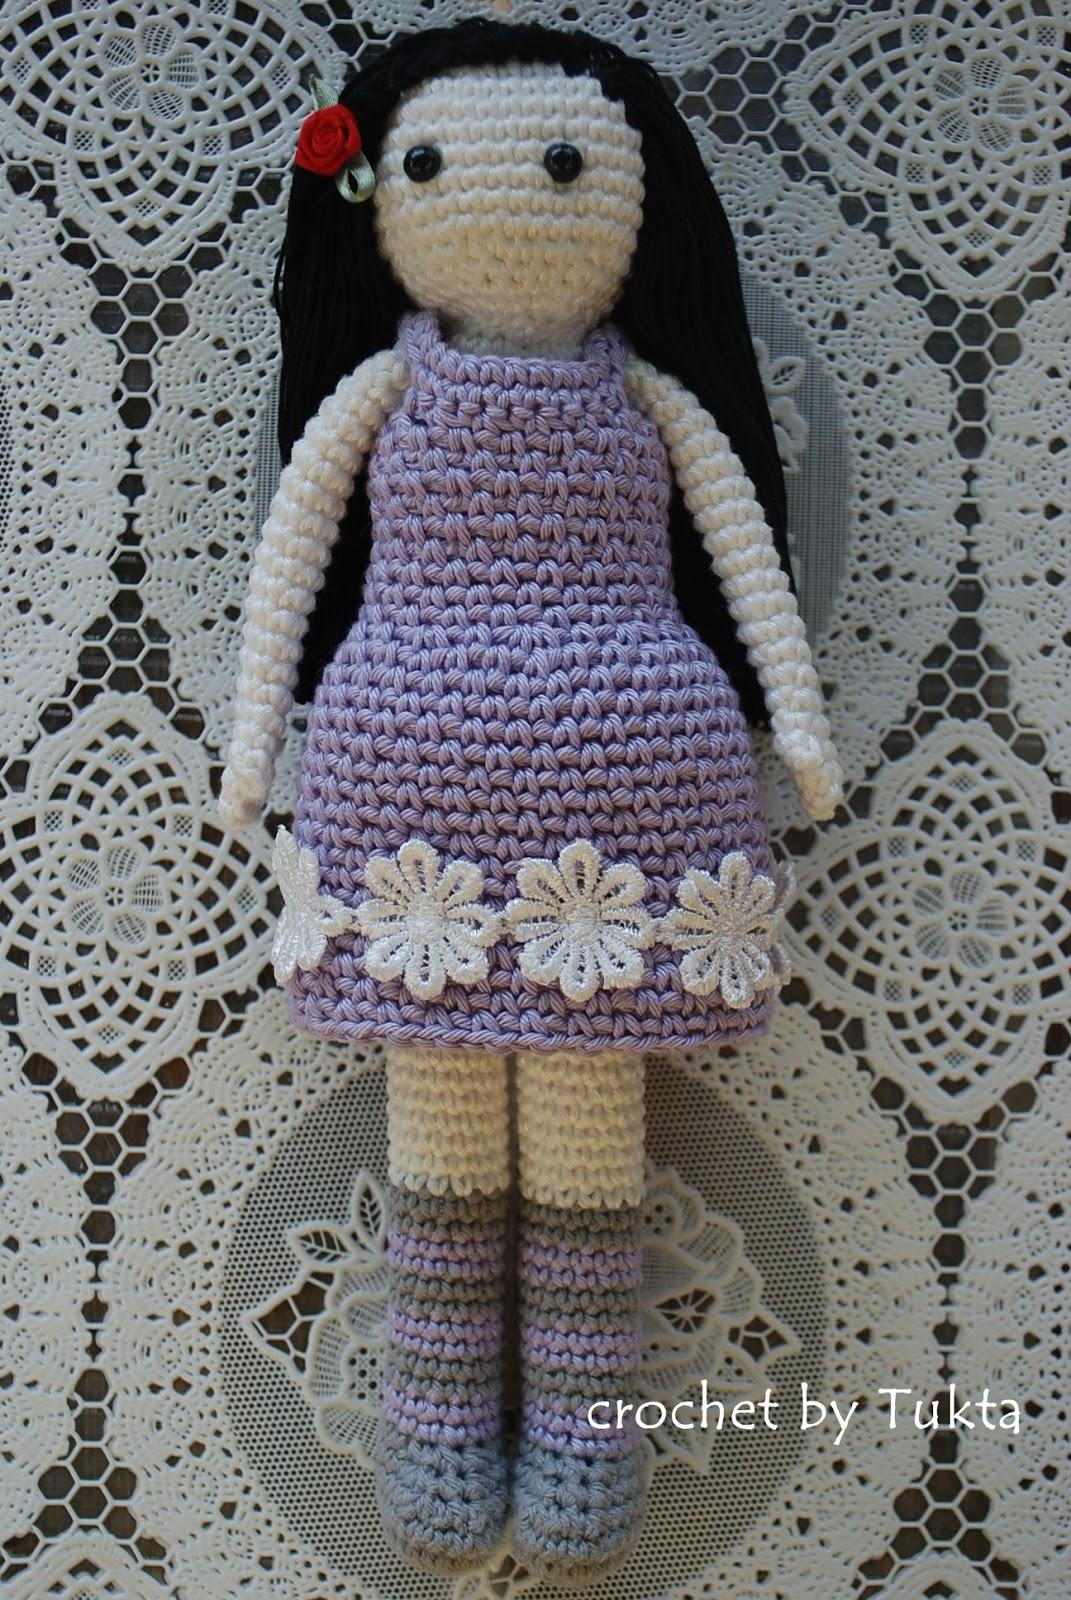 Crochet by Tukta: the meaning of Tukta or Tukkata